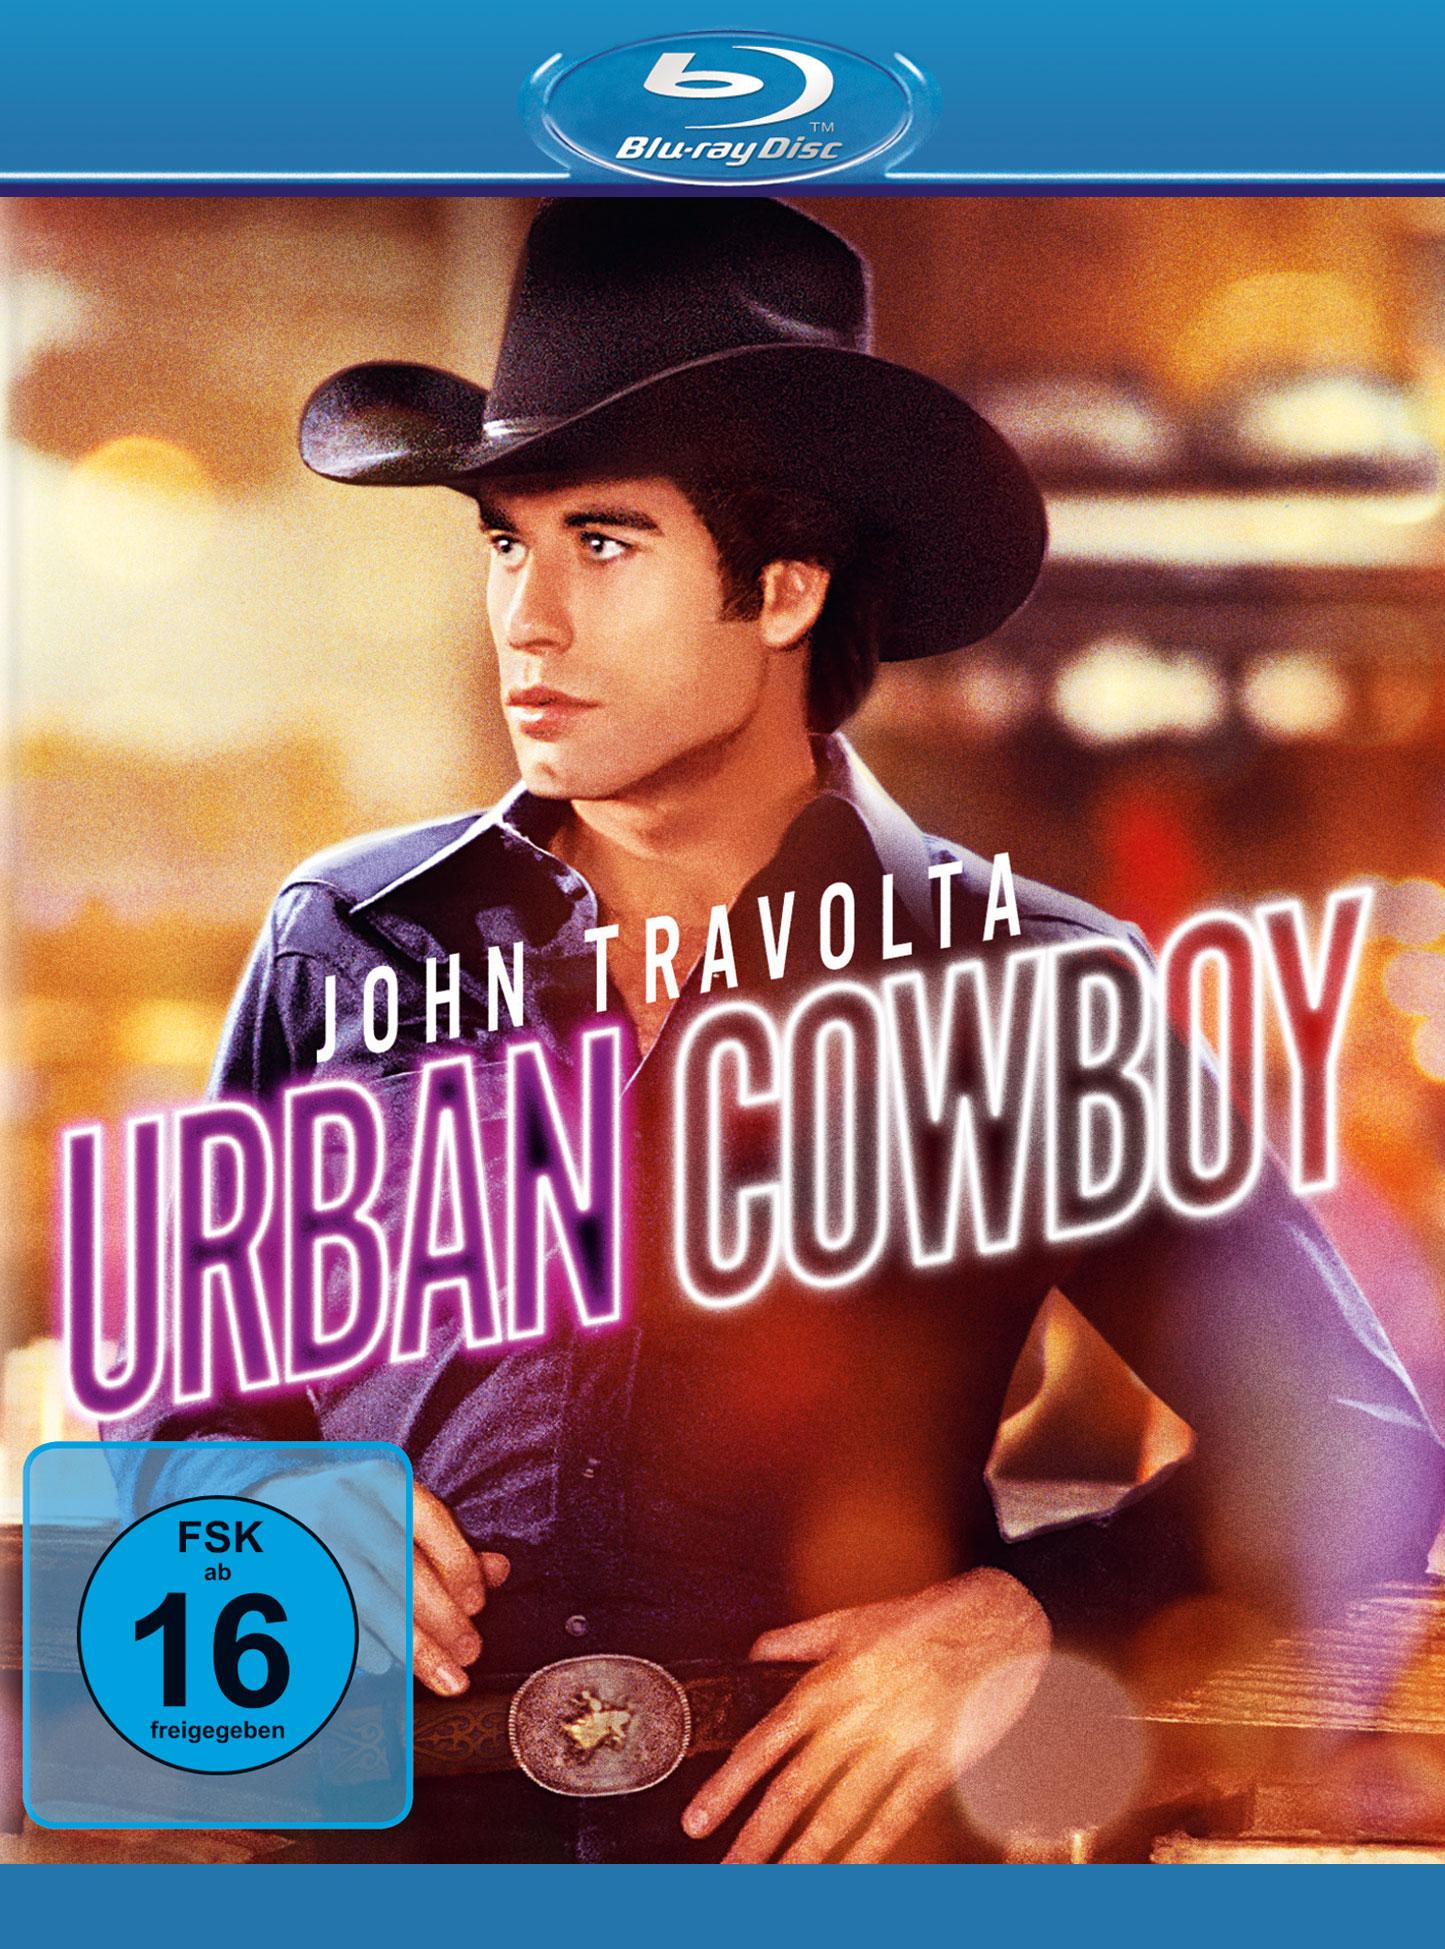 """John Travolta mit Cowboyhut auf dem Cover der neuen Blu-Ray von """"Urban Cowboy""""."""